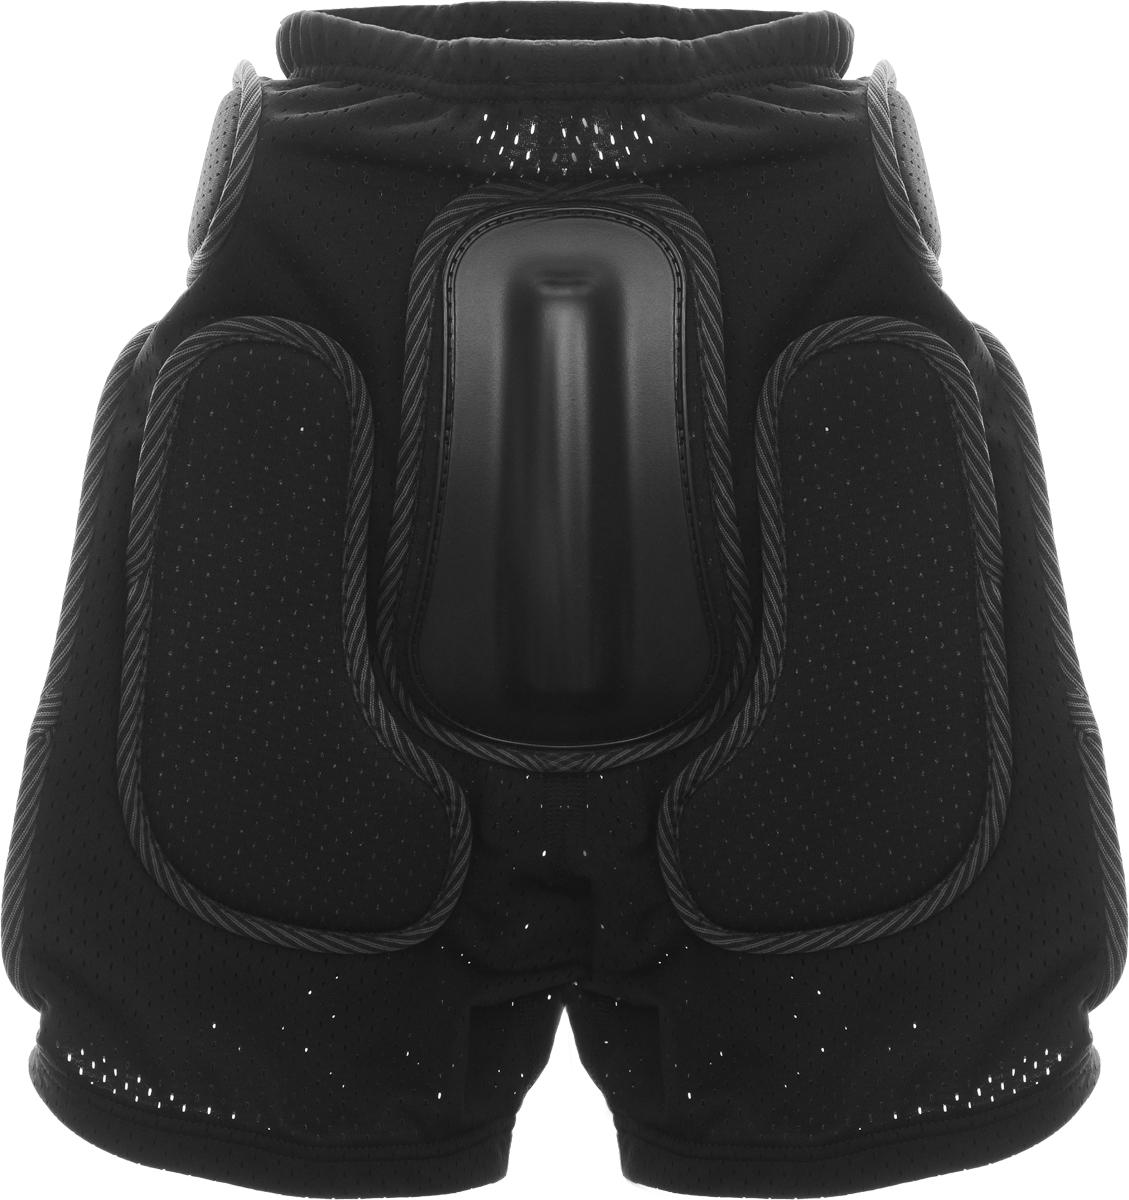 Шорты защитные Biont Комфорт, цвет: черный, размер S231_002Защитные шорты Biont Комфорт - это необходимая часть снаряжения сноубордистов, любителей экстремального катания на роликах, байкеров, фанатов зимнего кайтинга. Шорты изготовлены из мягкой эластичной потовыводящей сетки с хорошей воздухопроницаемостью под накладками без остаточной деформации. Для обеспечения улучшенной вентиляции в шортах используется дышащая сетка спейсер. Комфортные защитные шорты Biont Комфорт идеальный выбор для любителей экстремального спорта. Толщина пластиковых накладок: 8-12 мм.